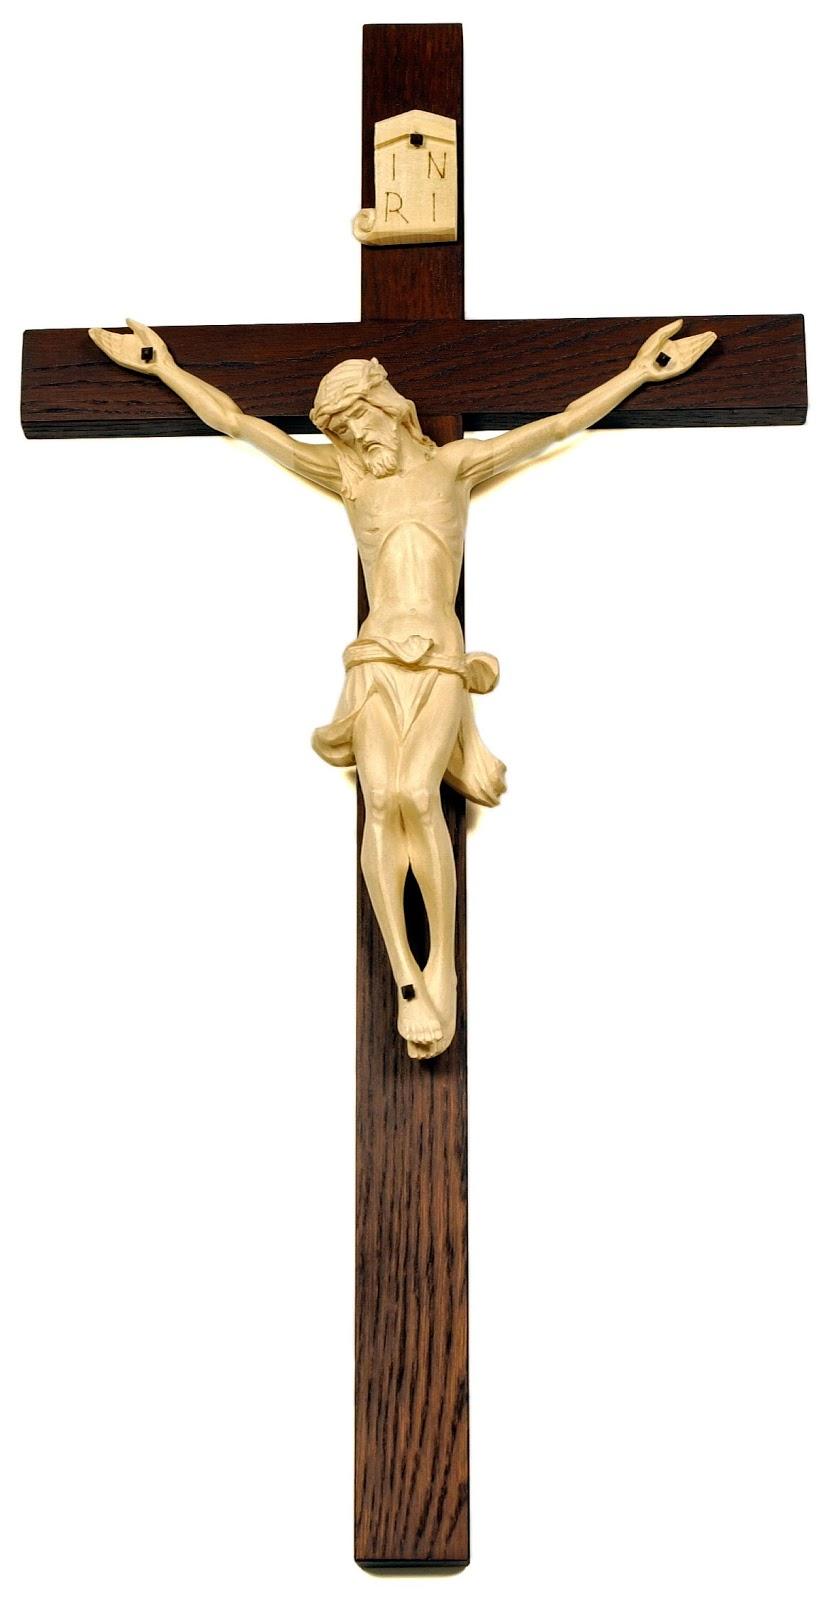 Crucifix in Church?